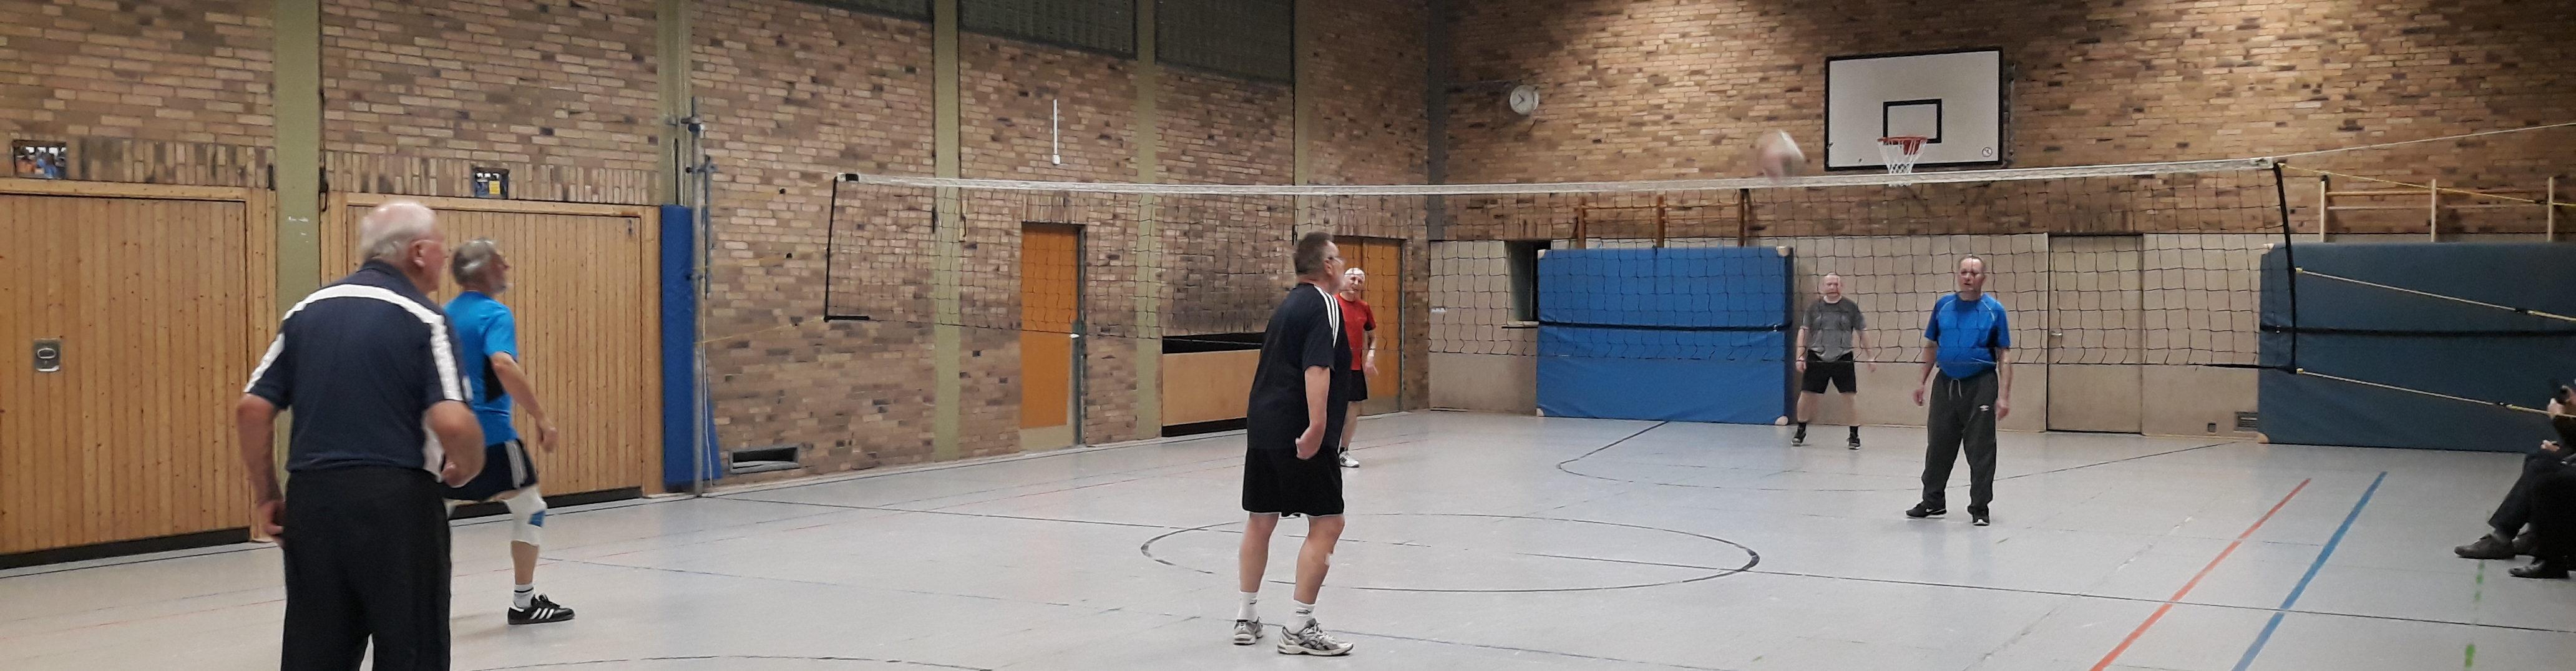 Männer-Sport-aspect-ratio-1920x500